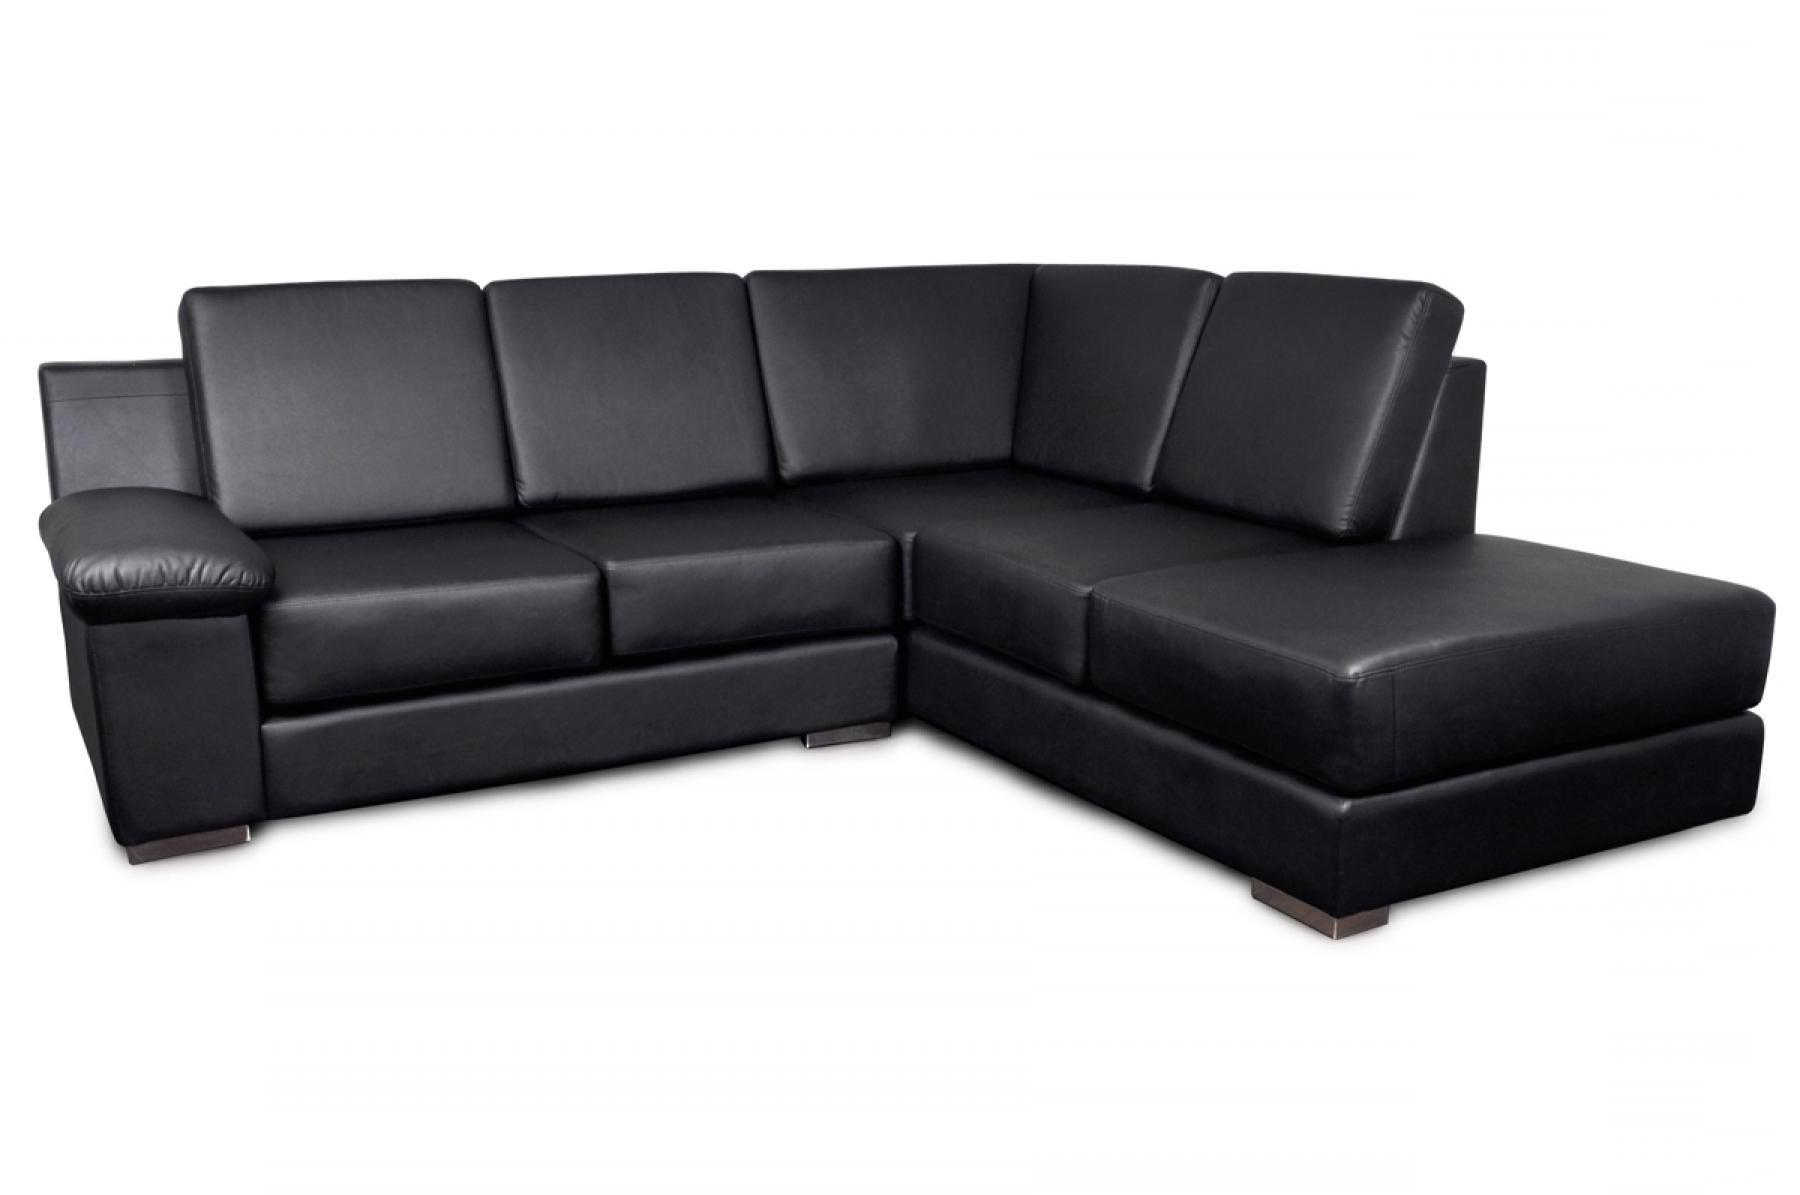 Canapé D'angle Cuir Conforama